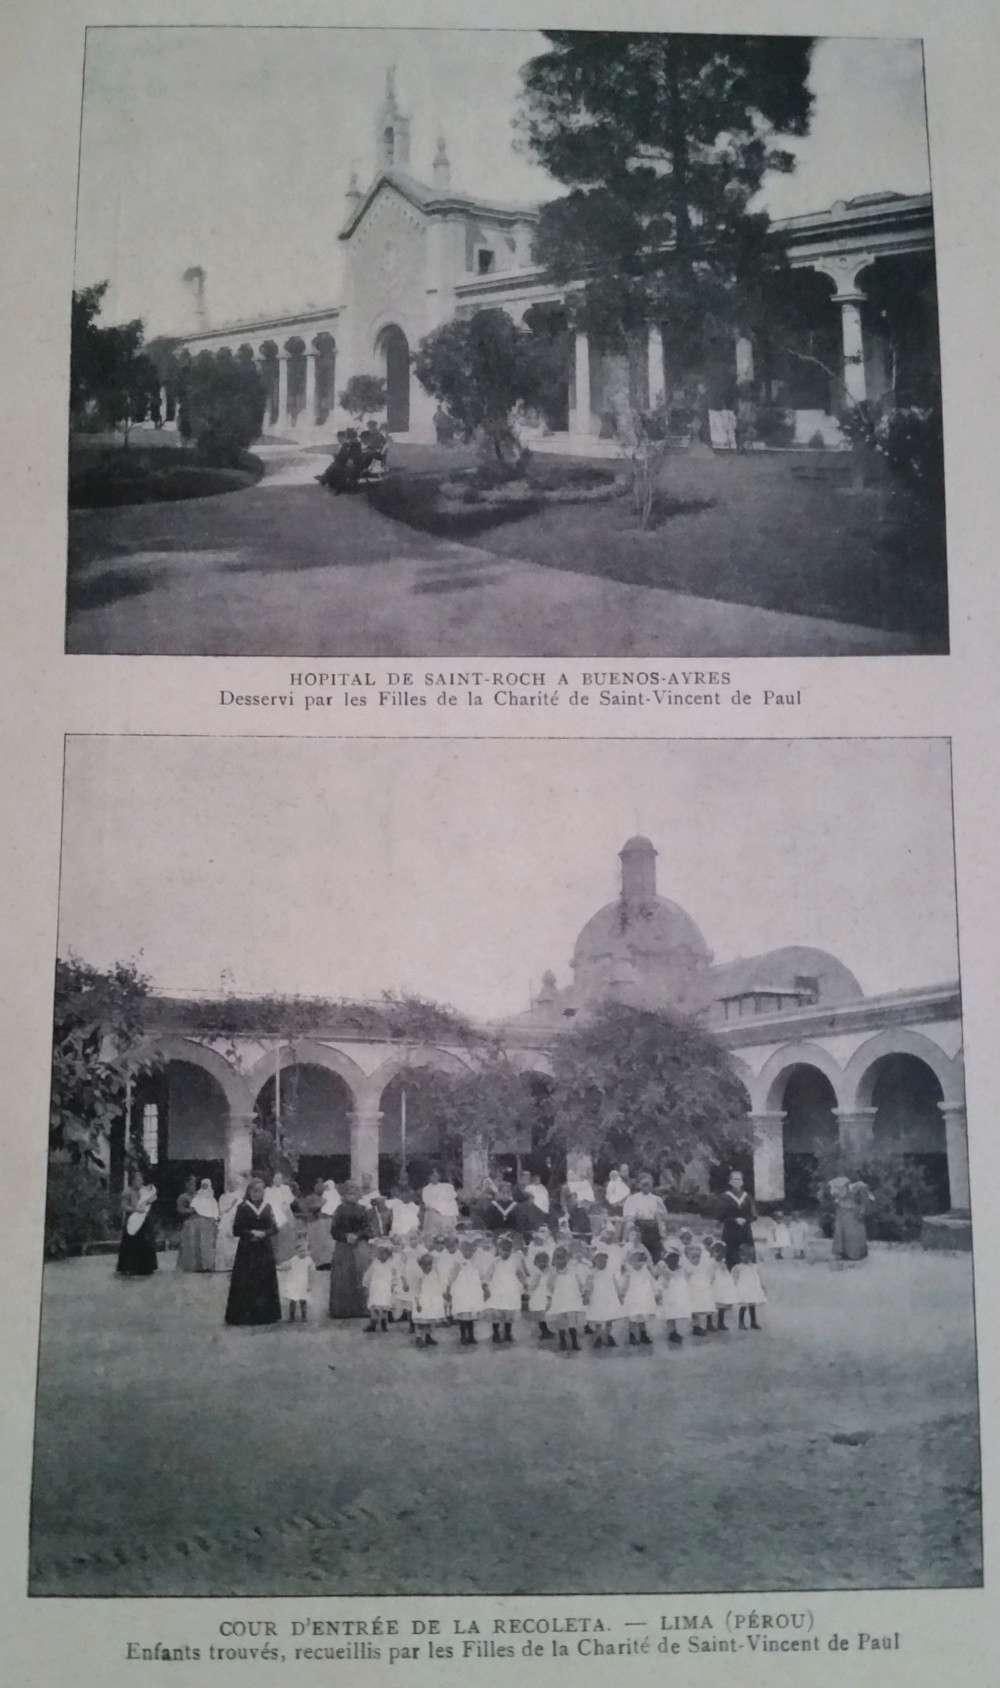 RARISSIME : l'état des congrégations catholiques de France en 1904 Hopita10